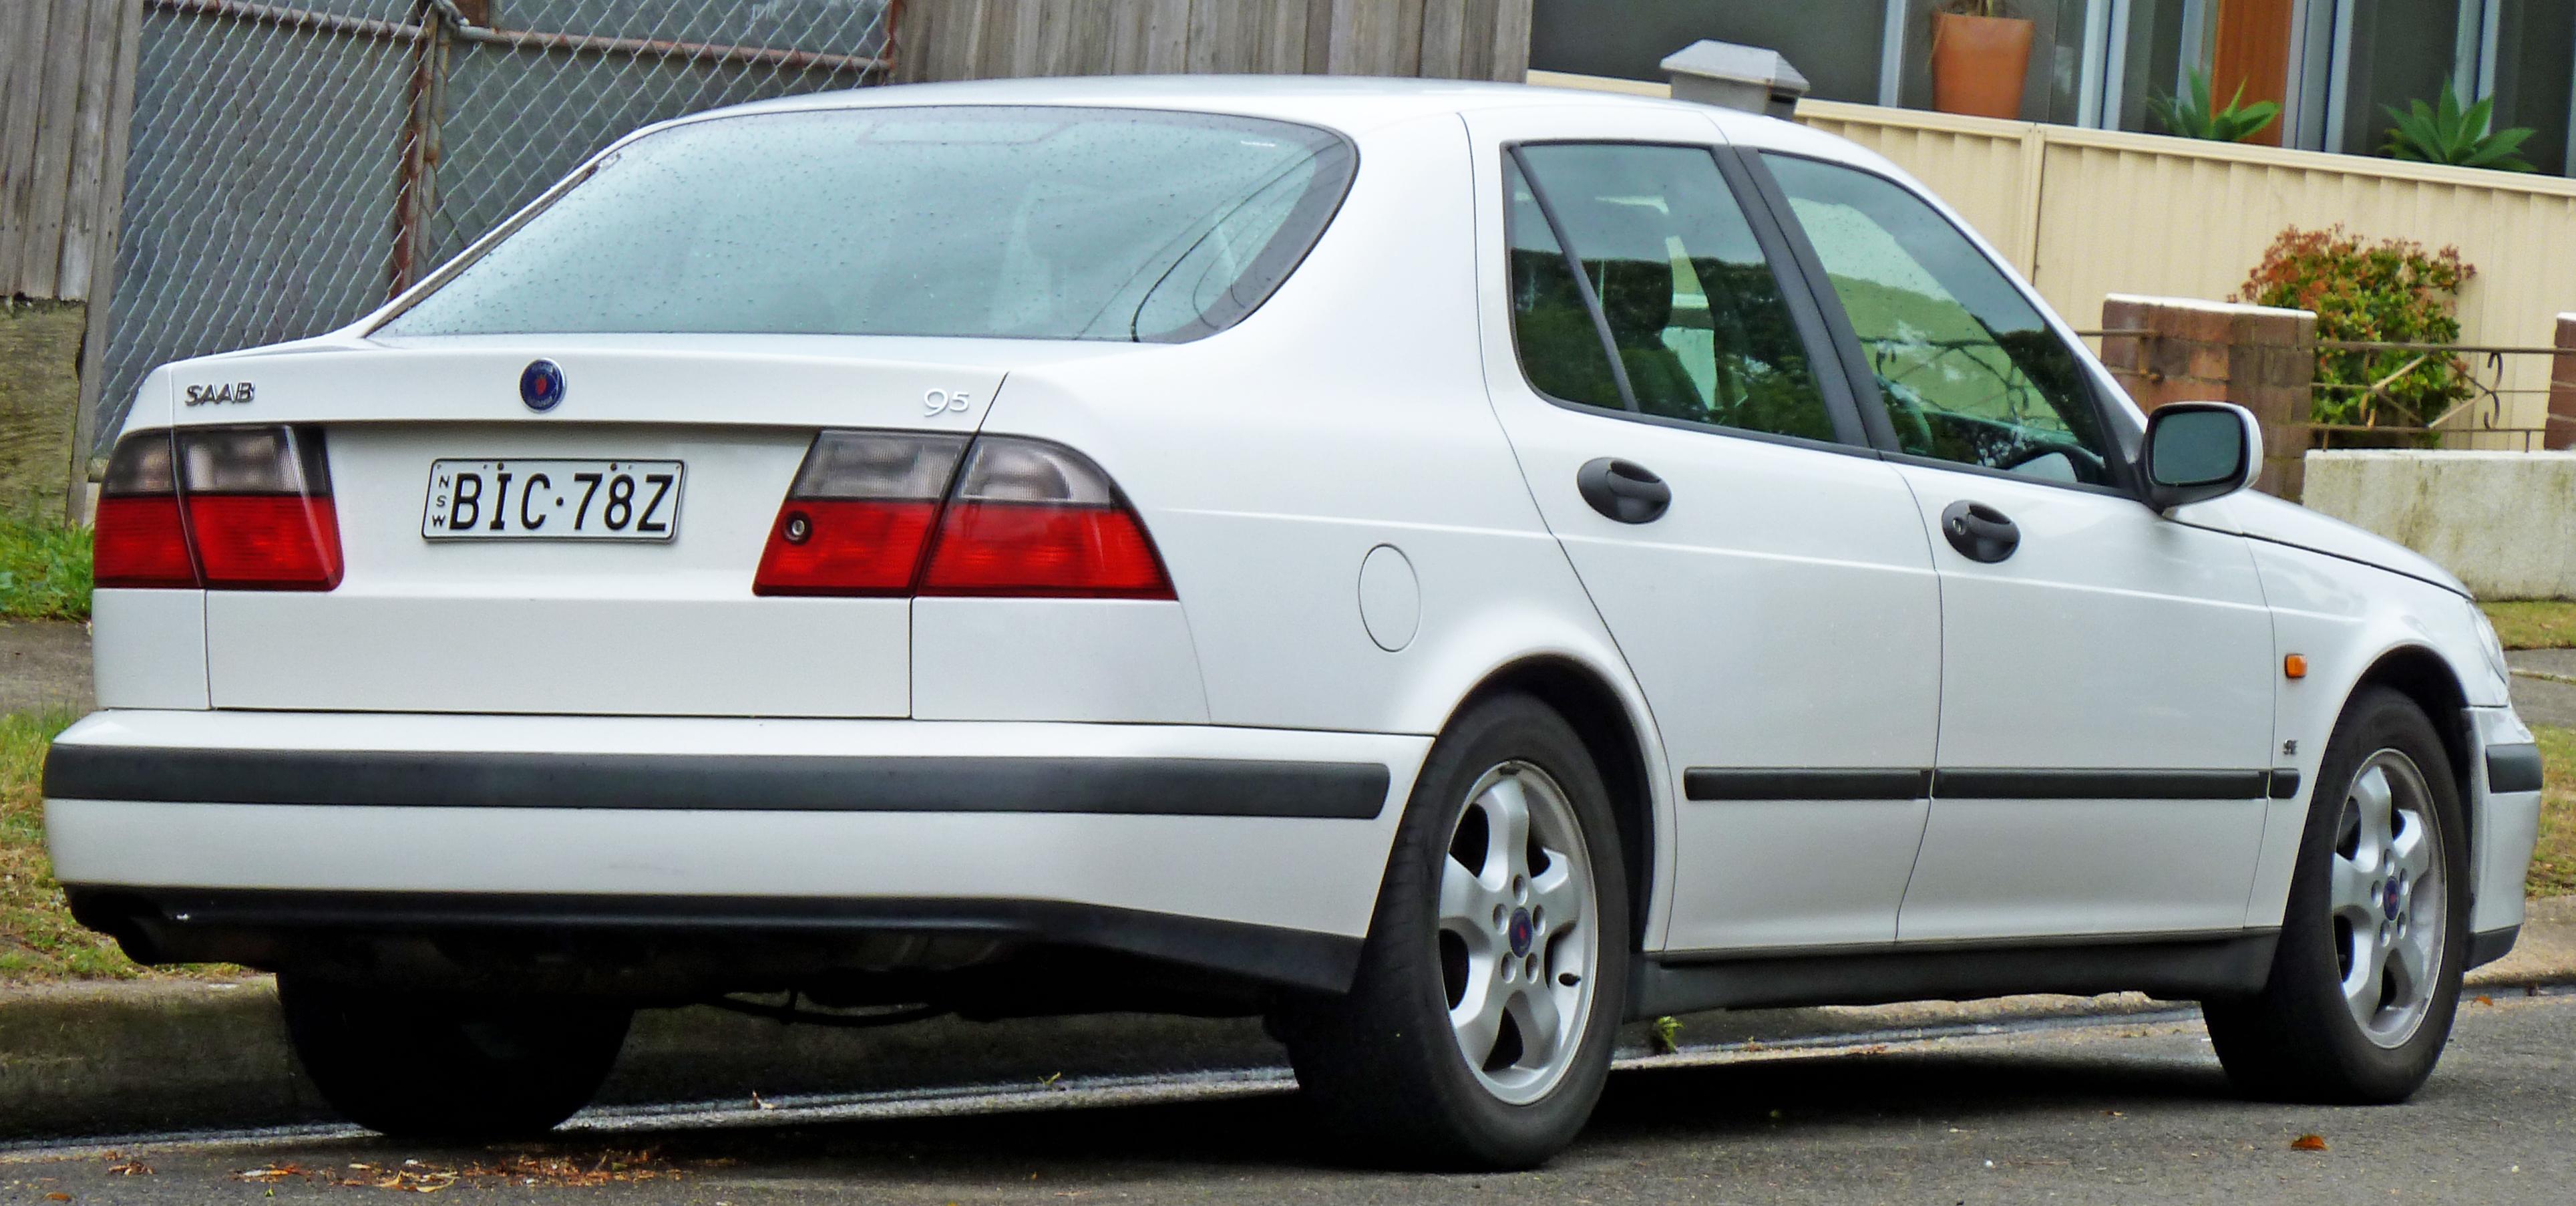 Saab 9-5 I 1997 - 2001 Sedan #5